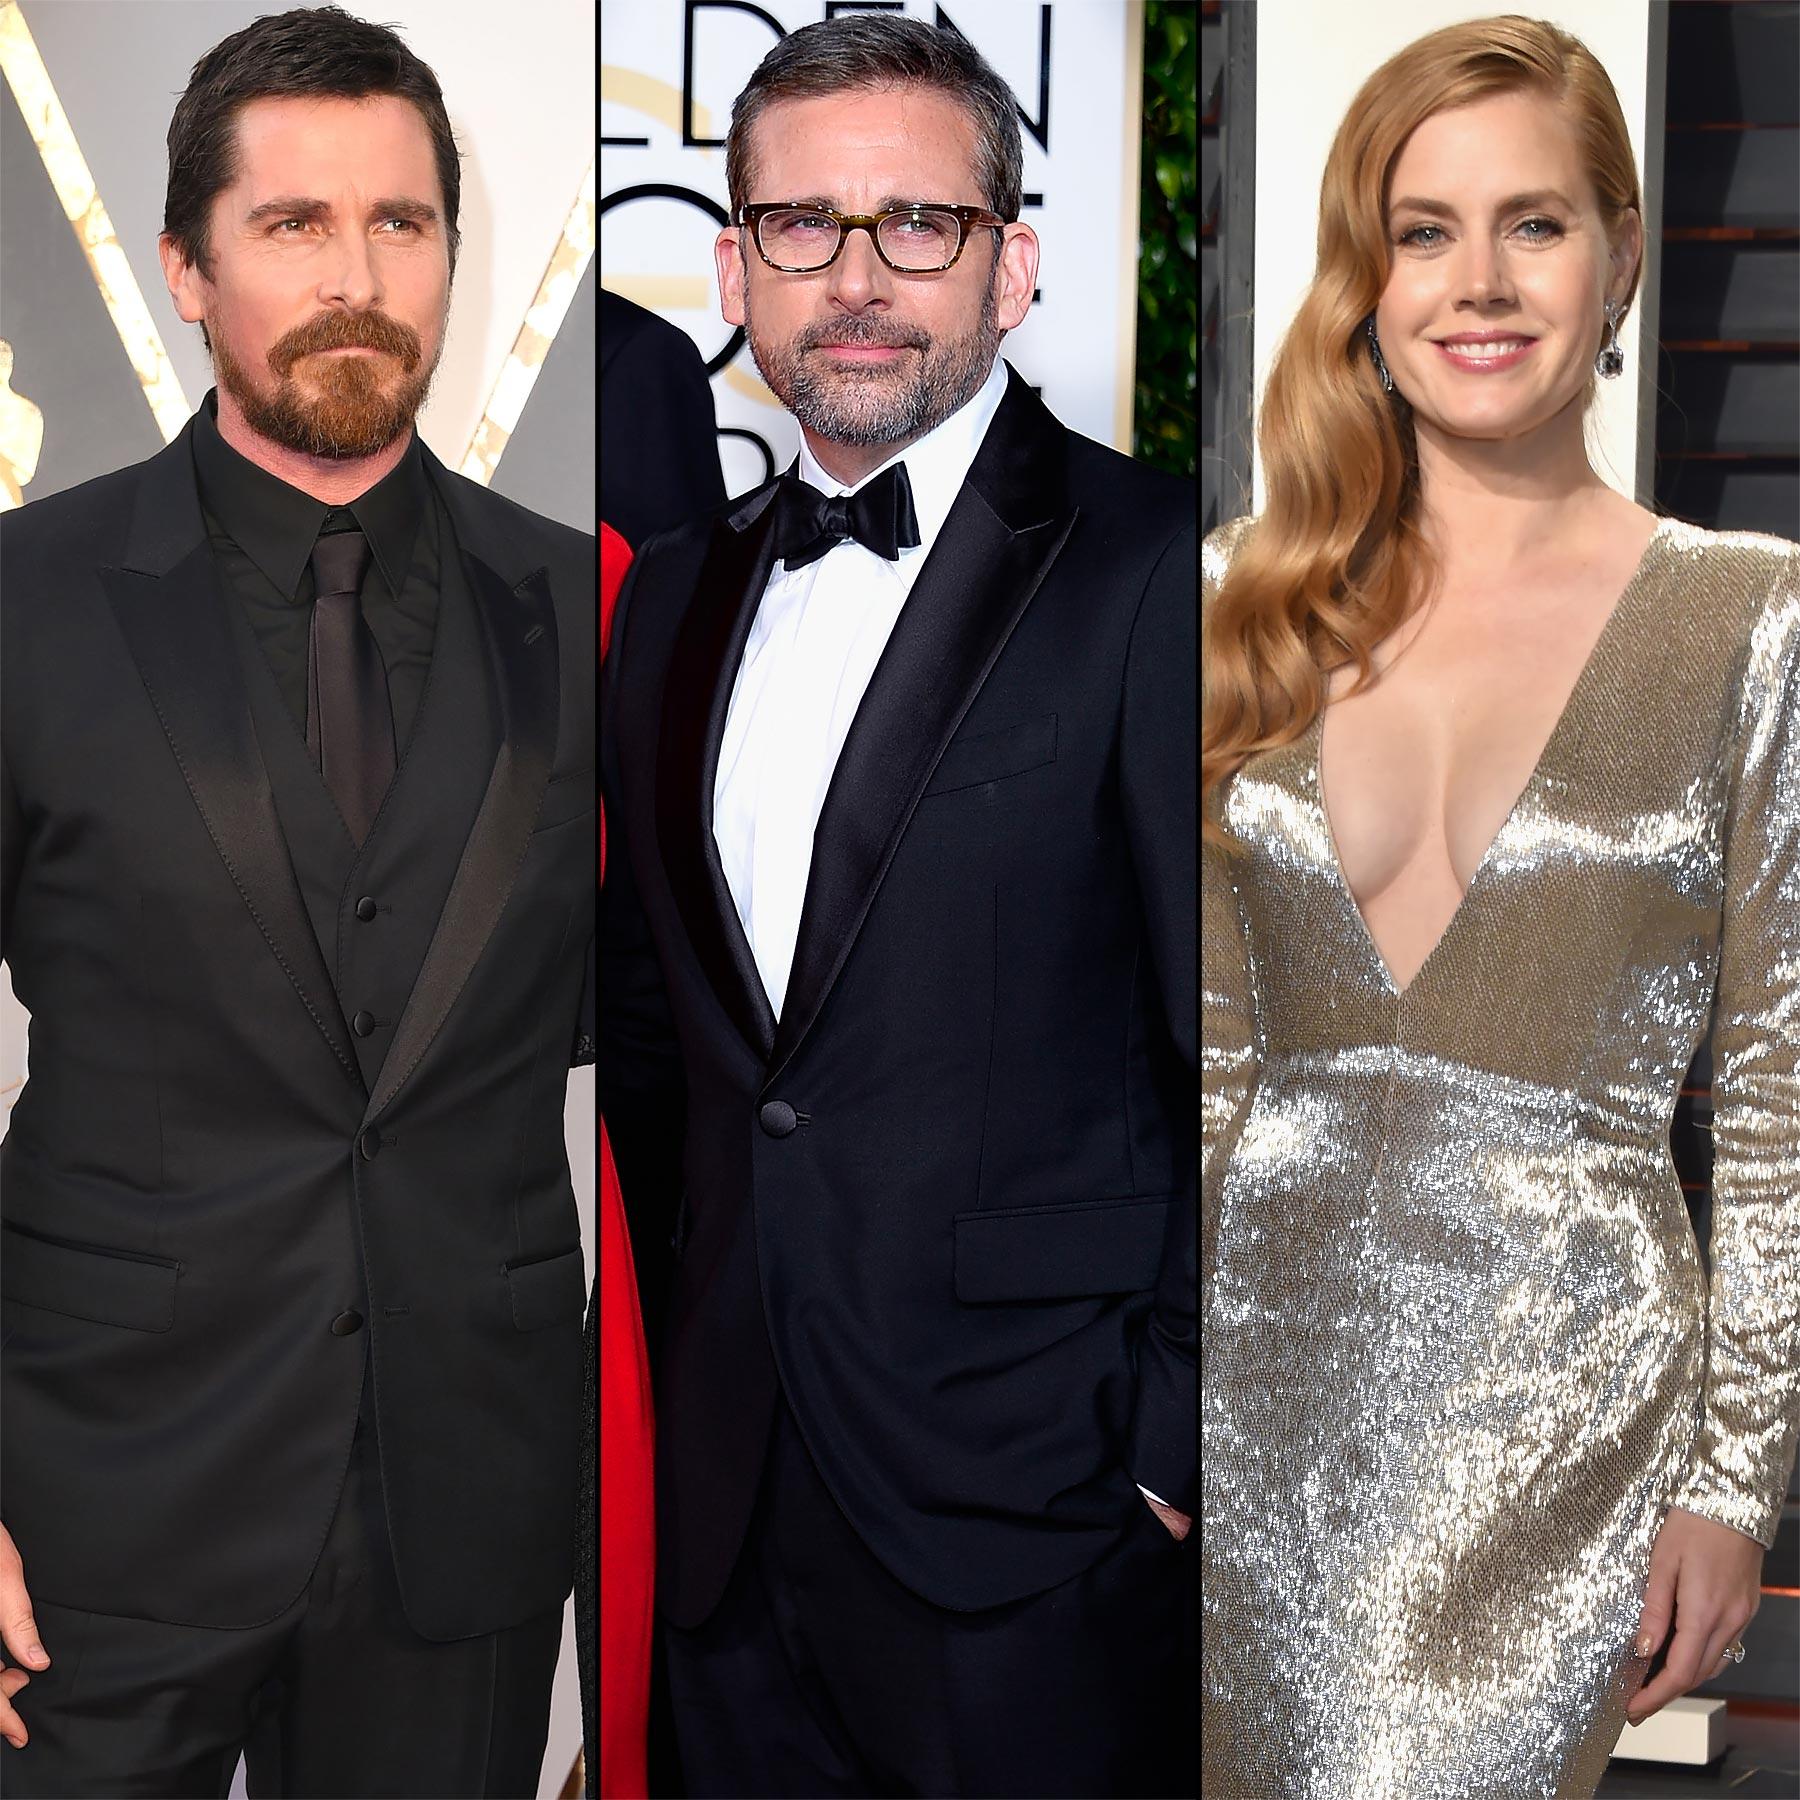 Christian-Bale-Steve-Carell-Amy-Adams